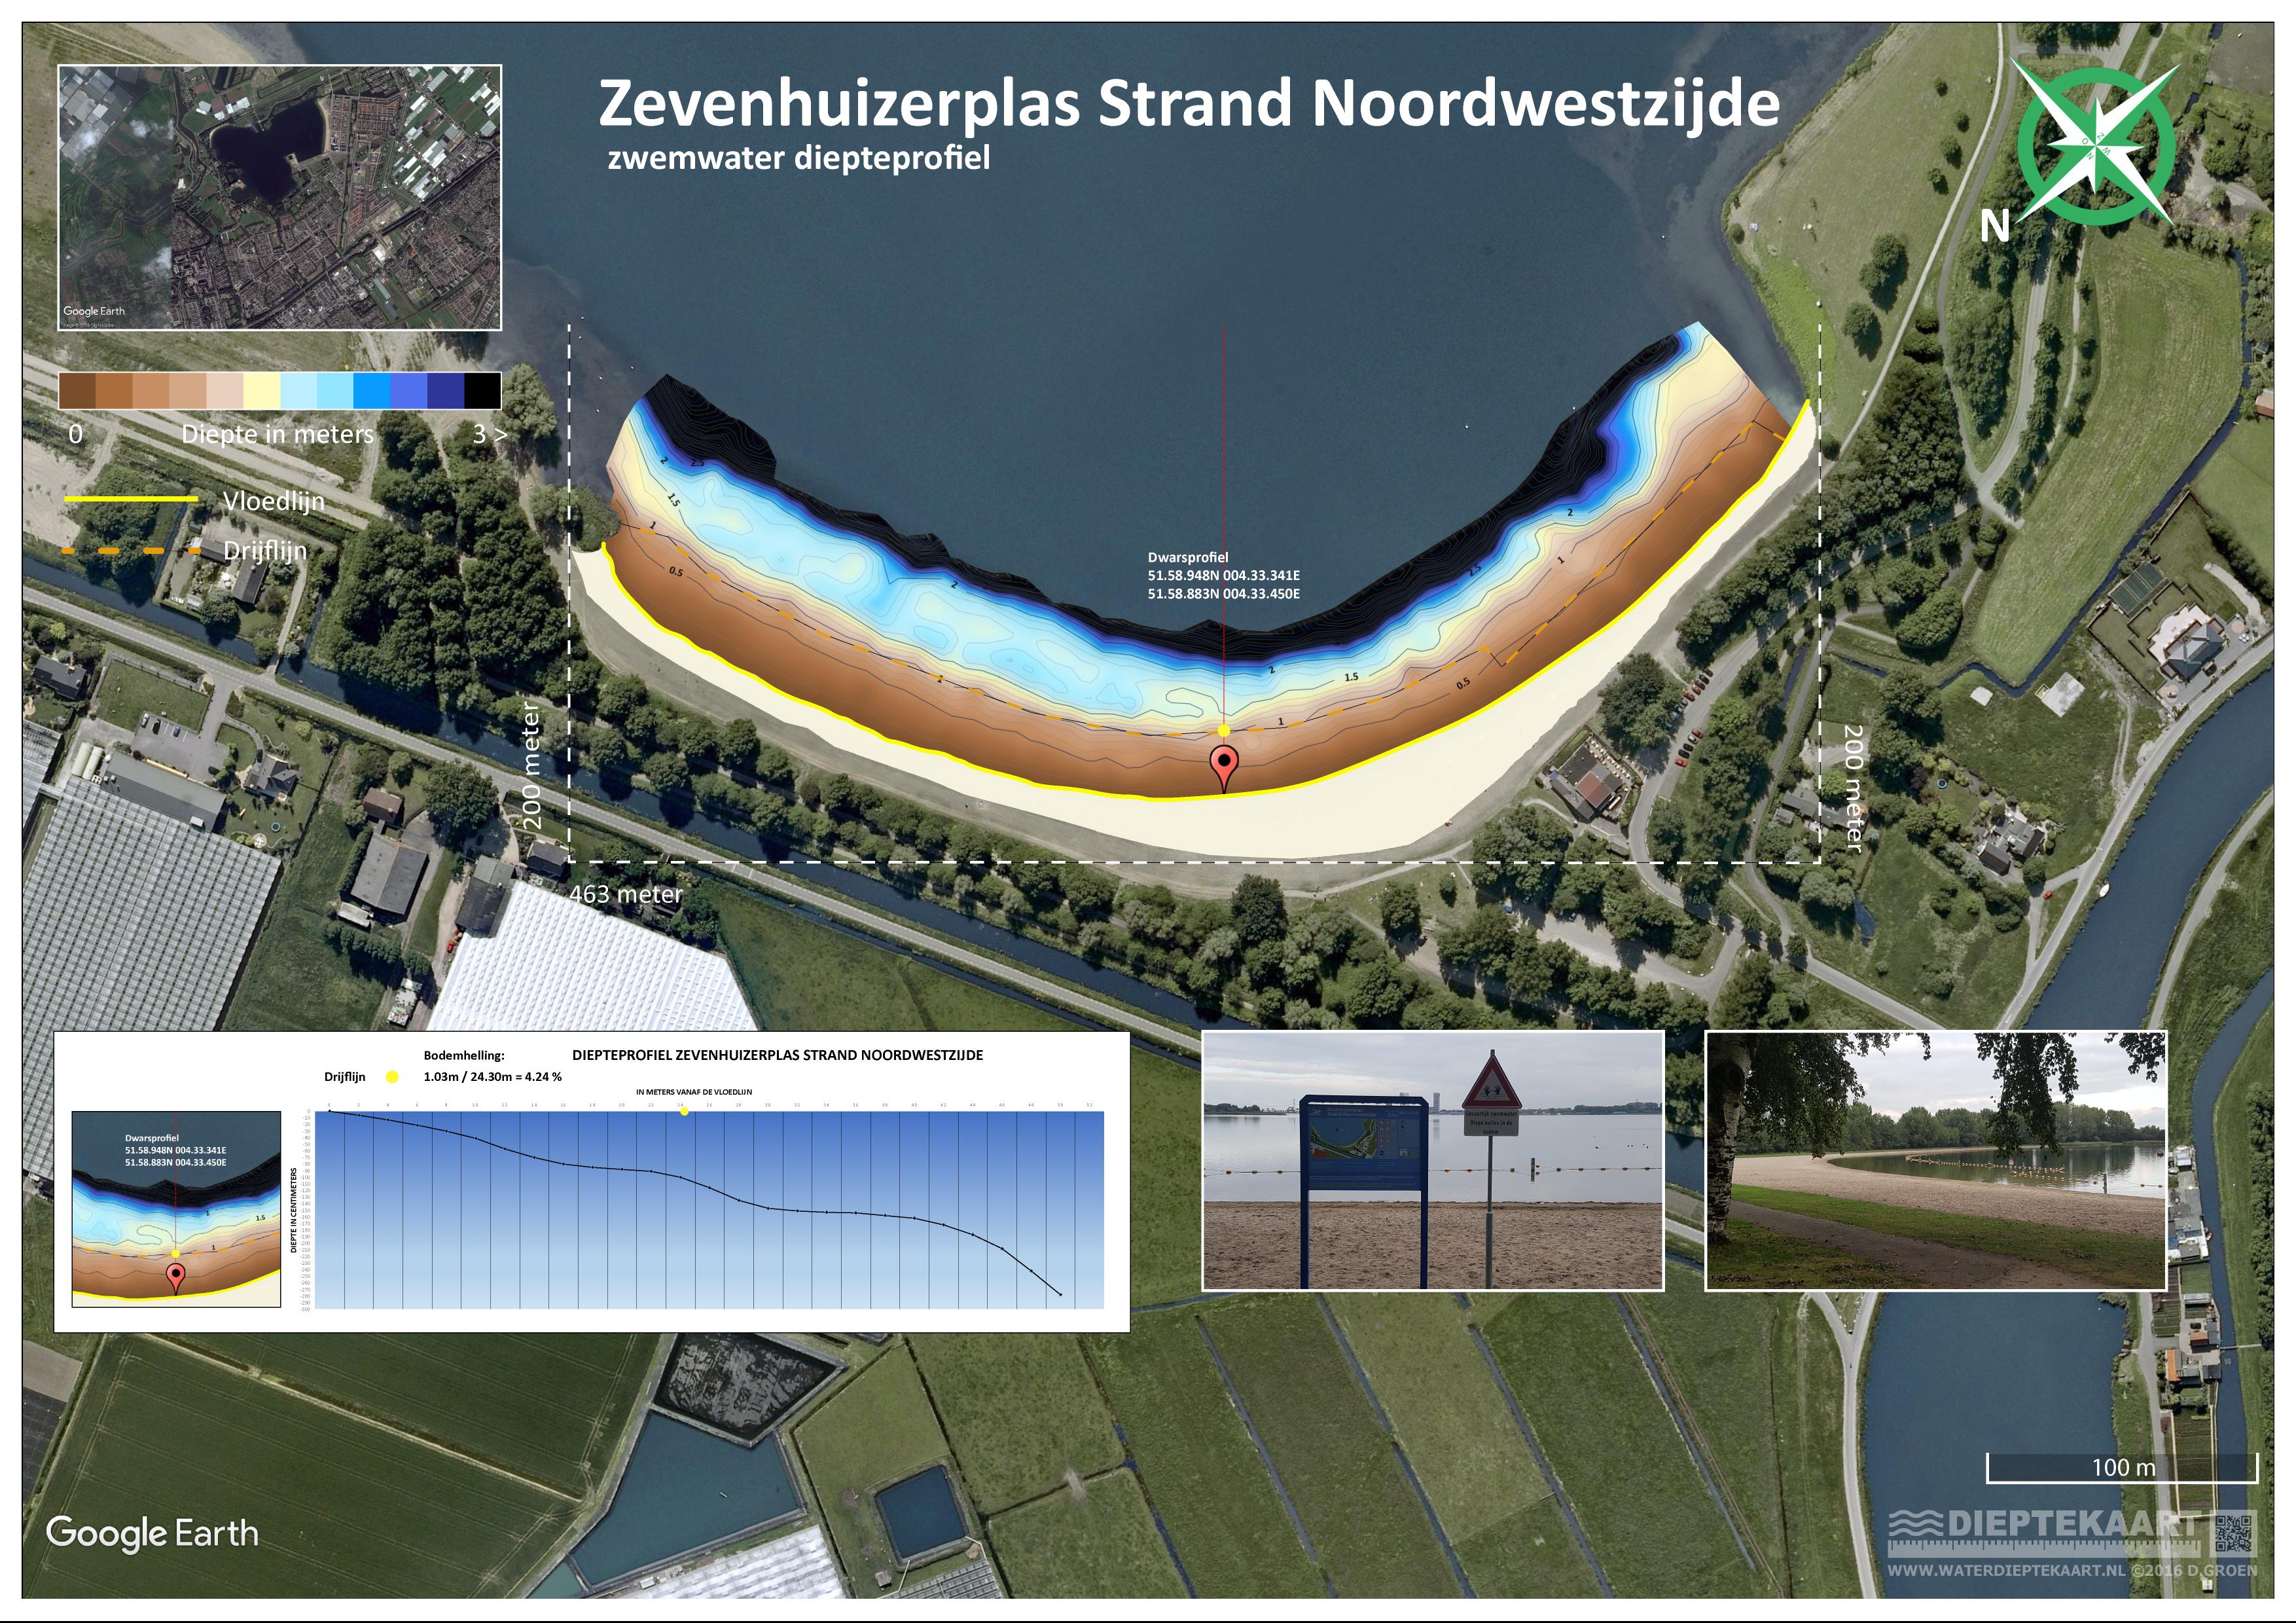 1Zevenhuizerplas Strand Noordwestzijde-01